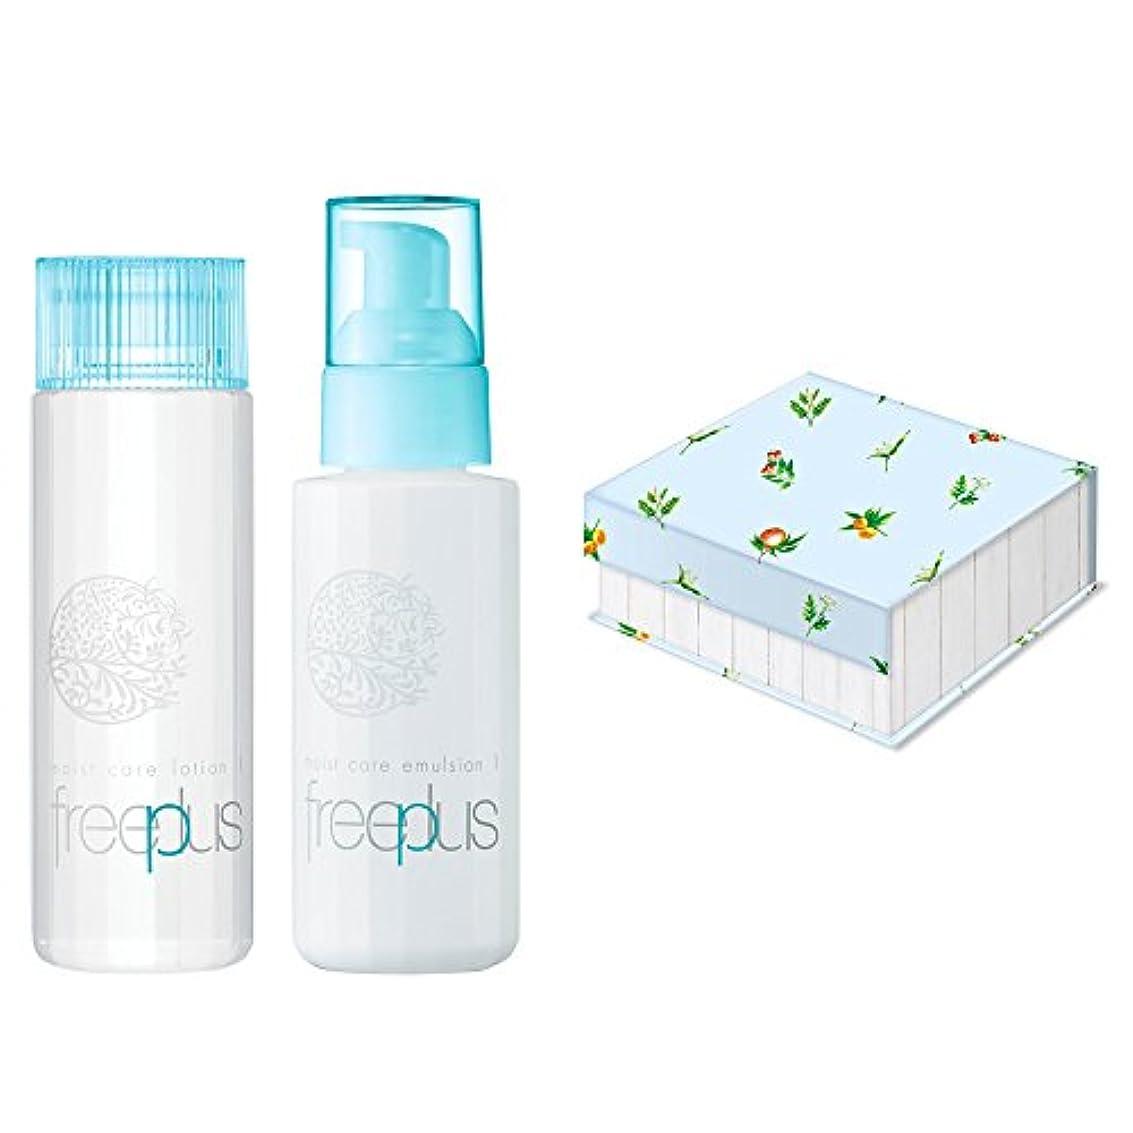 置き場責セージフリープラス モイストケア 化粧水+乳液+限定ボックスセット(さっぱり)